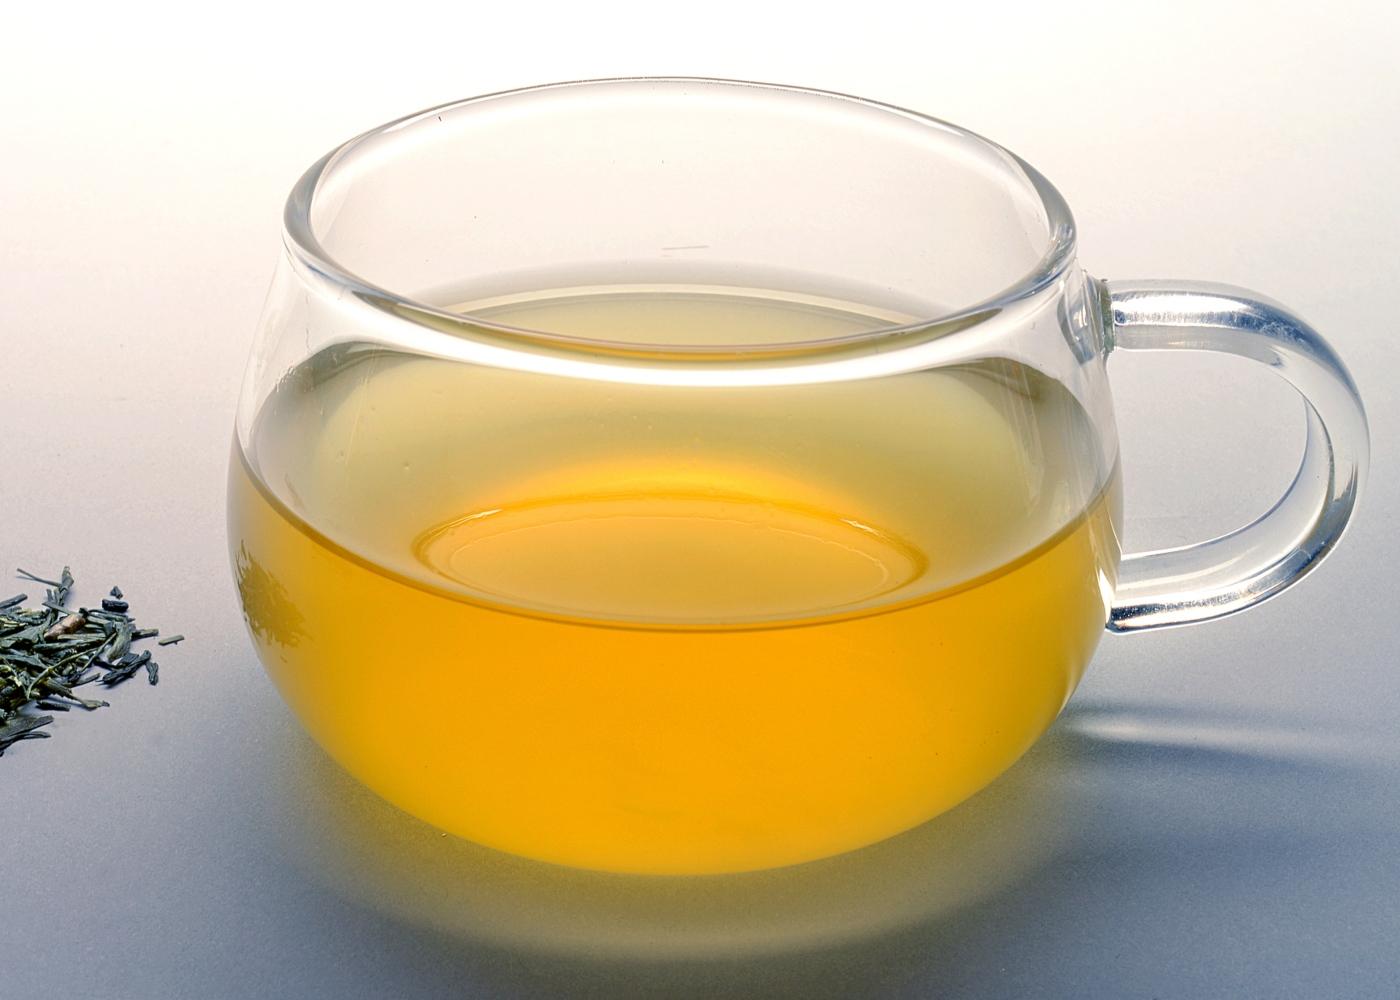 Alimentos com propriedades anti-inflamatórias: chá verde